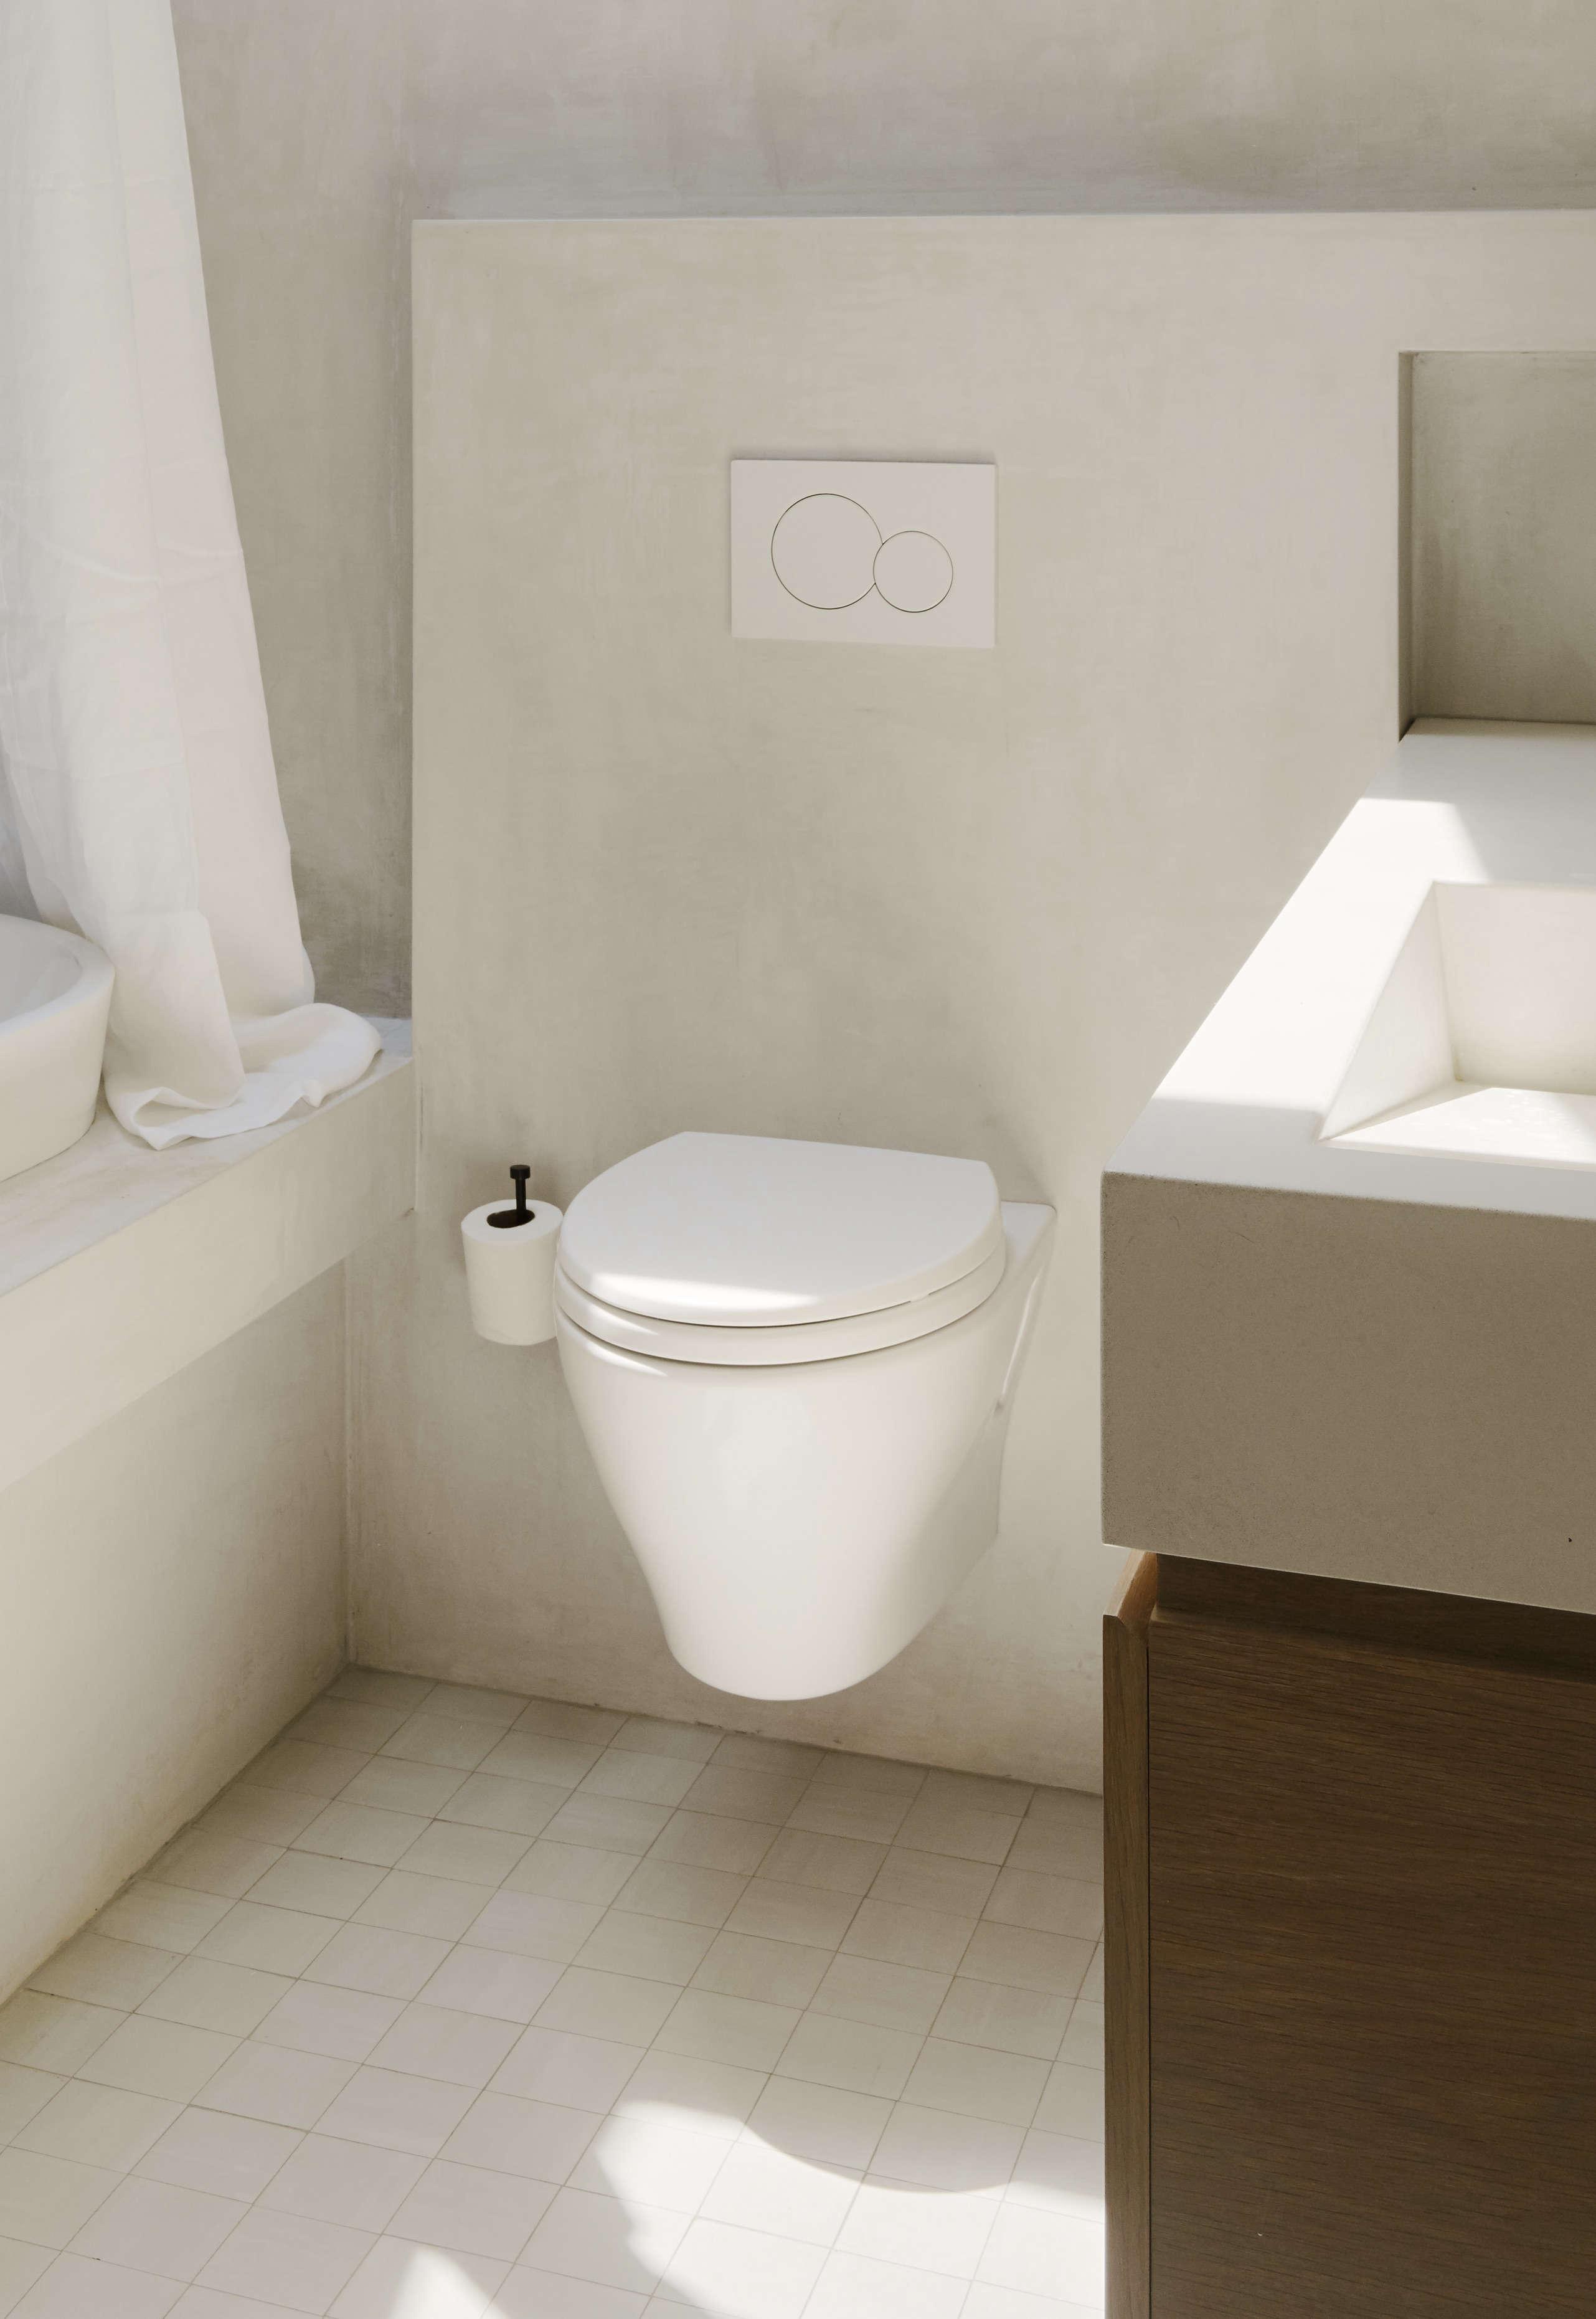 Bathroom Urinal: Bathroom Of The Week: In Brooklyn Heights, An Ethereal